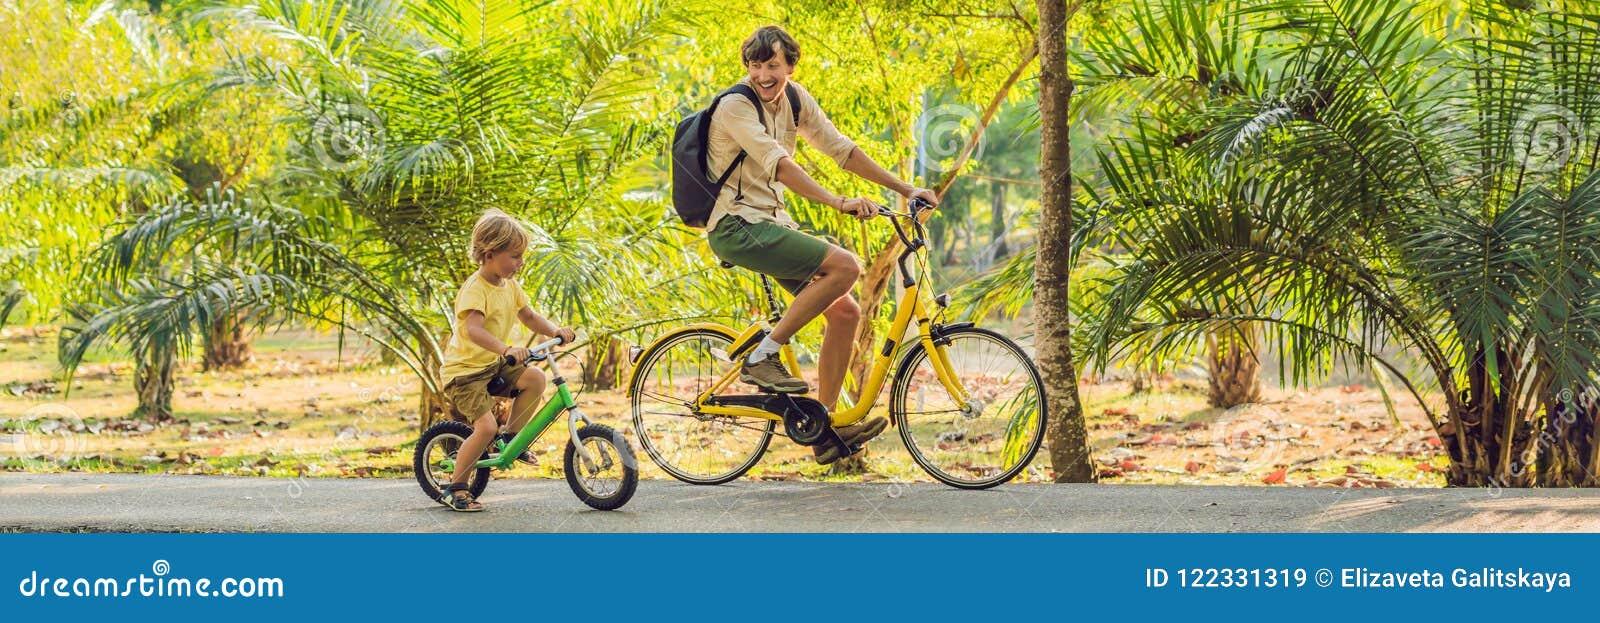 Счастливая семья едет велосипеды outdoors и усмехаться Будьте отцом на велосипеде и сыне на ЗНАМЕНИ balancebike, длинном формате